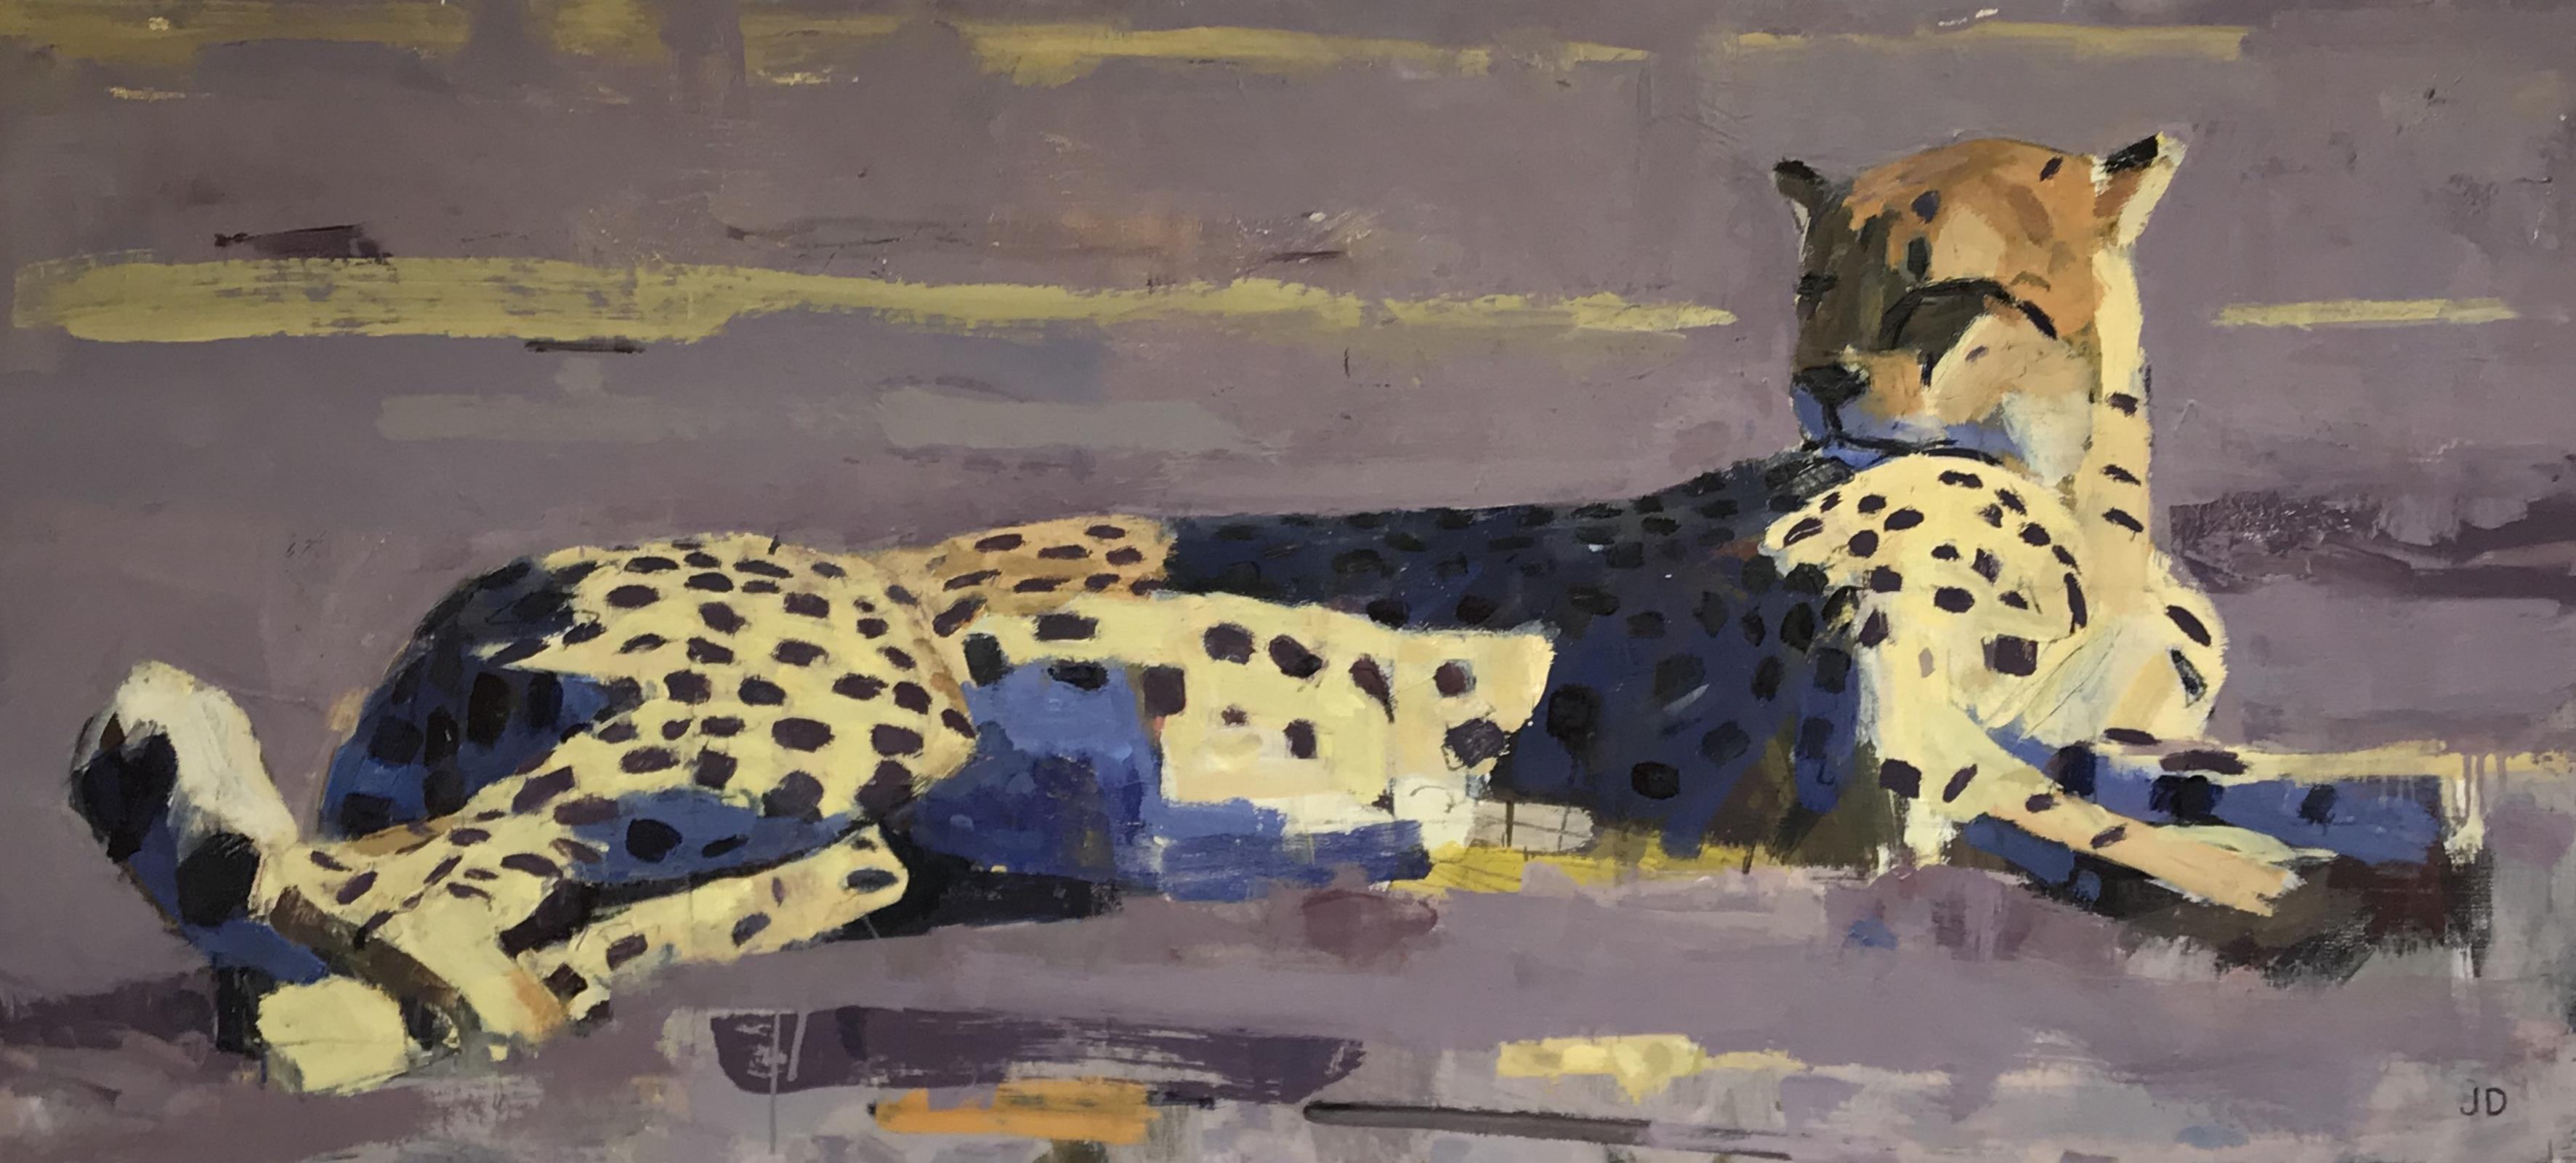 <p>Cheetah by John Dobbs</p>